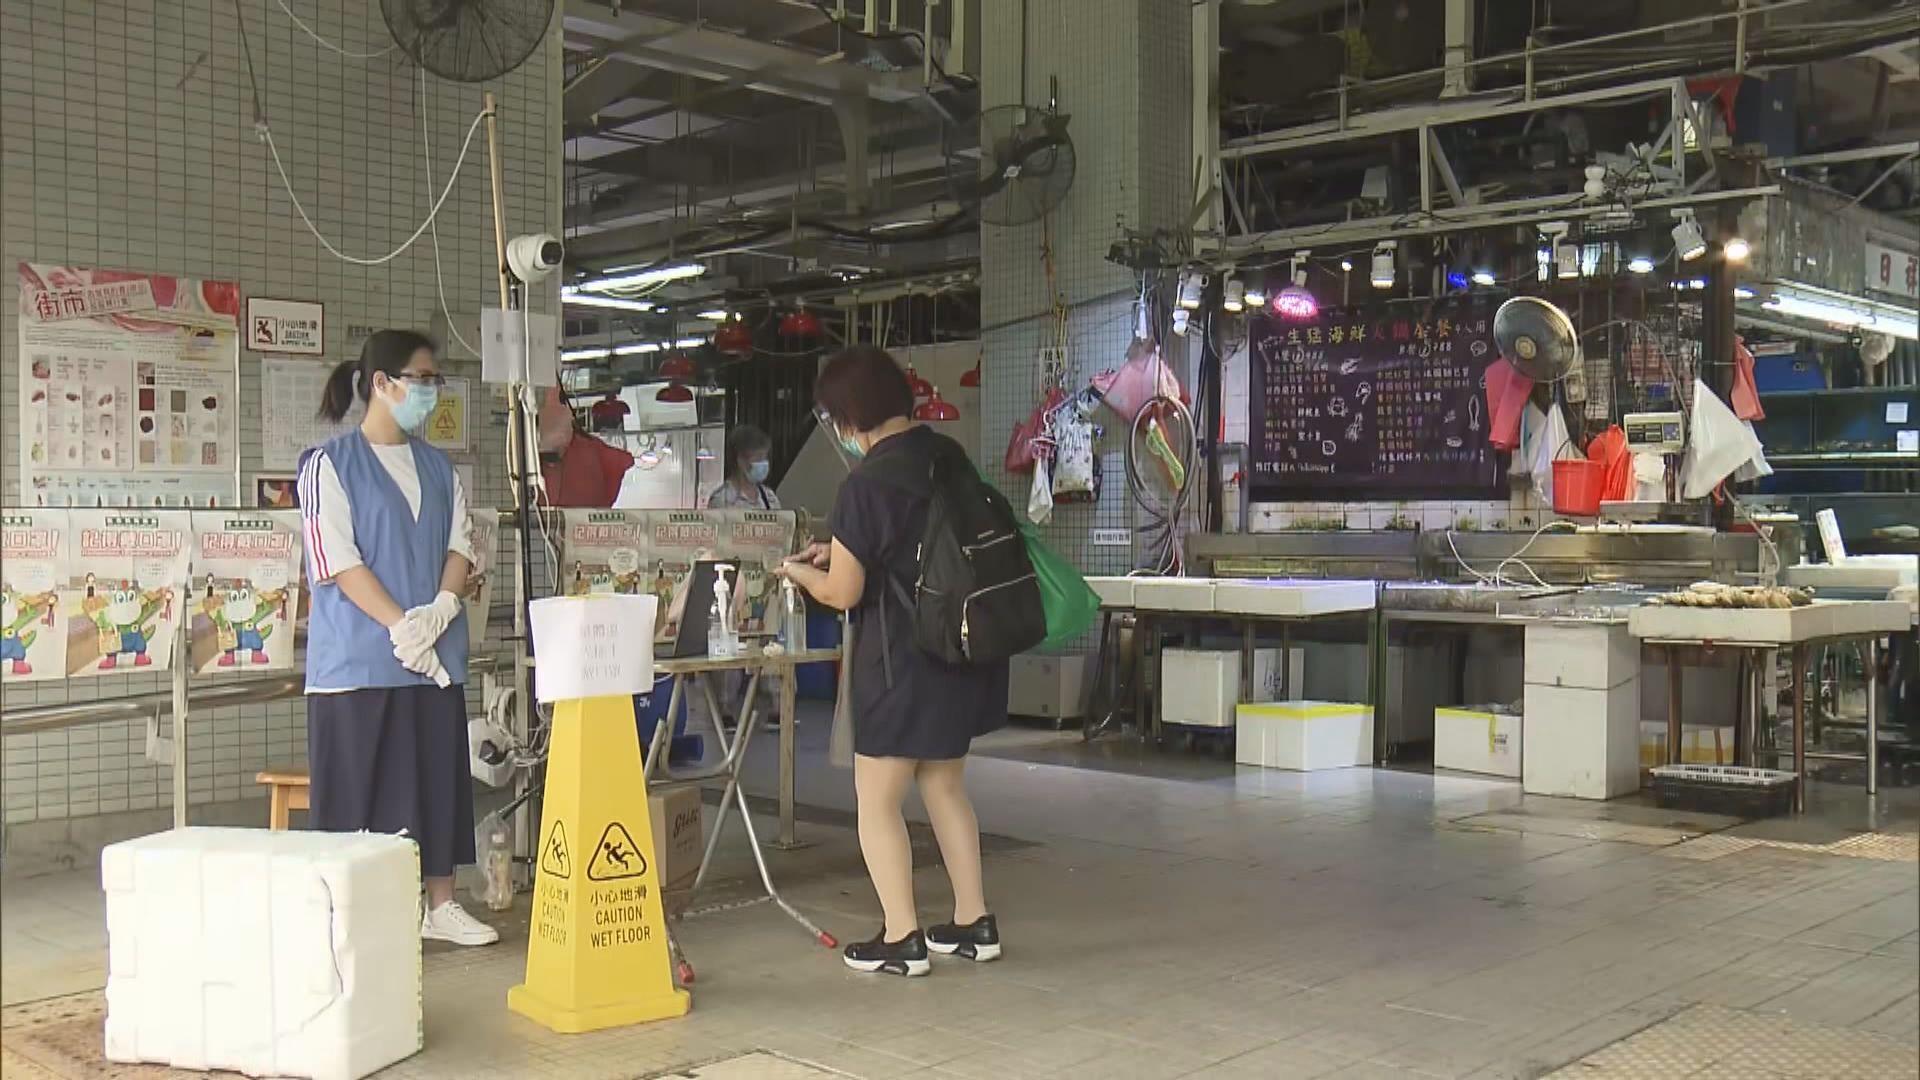 十二個街市周日起分階段提早關閉深層消毒